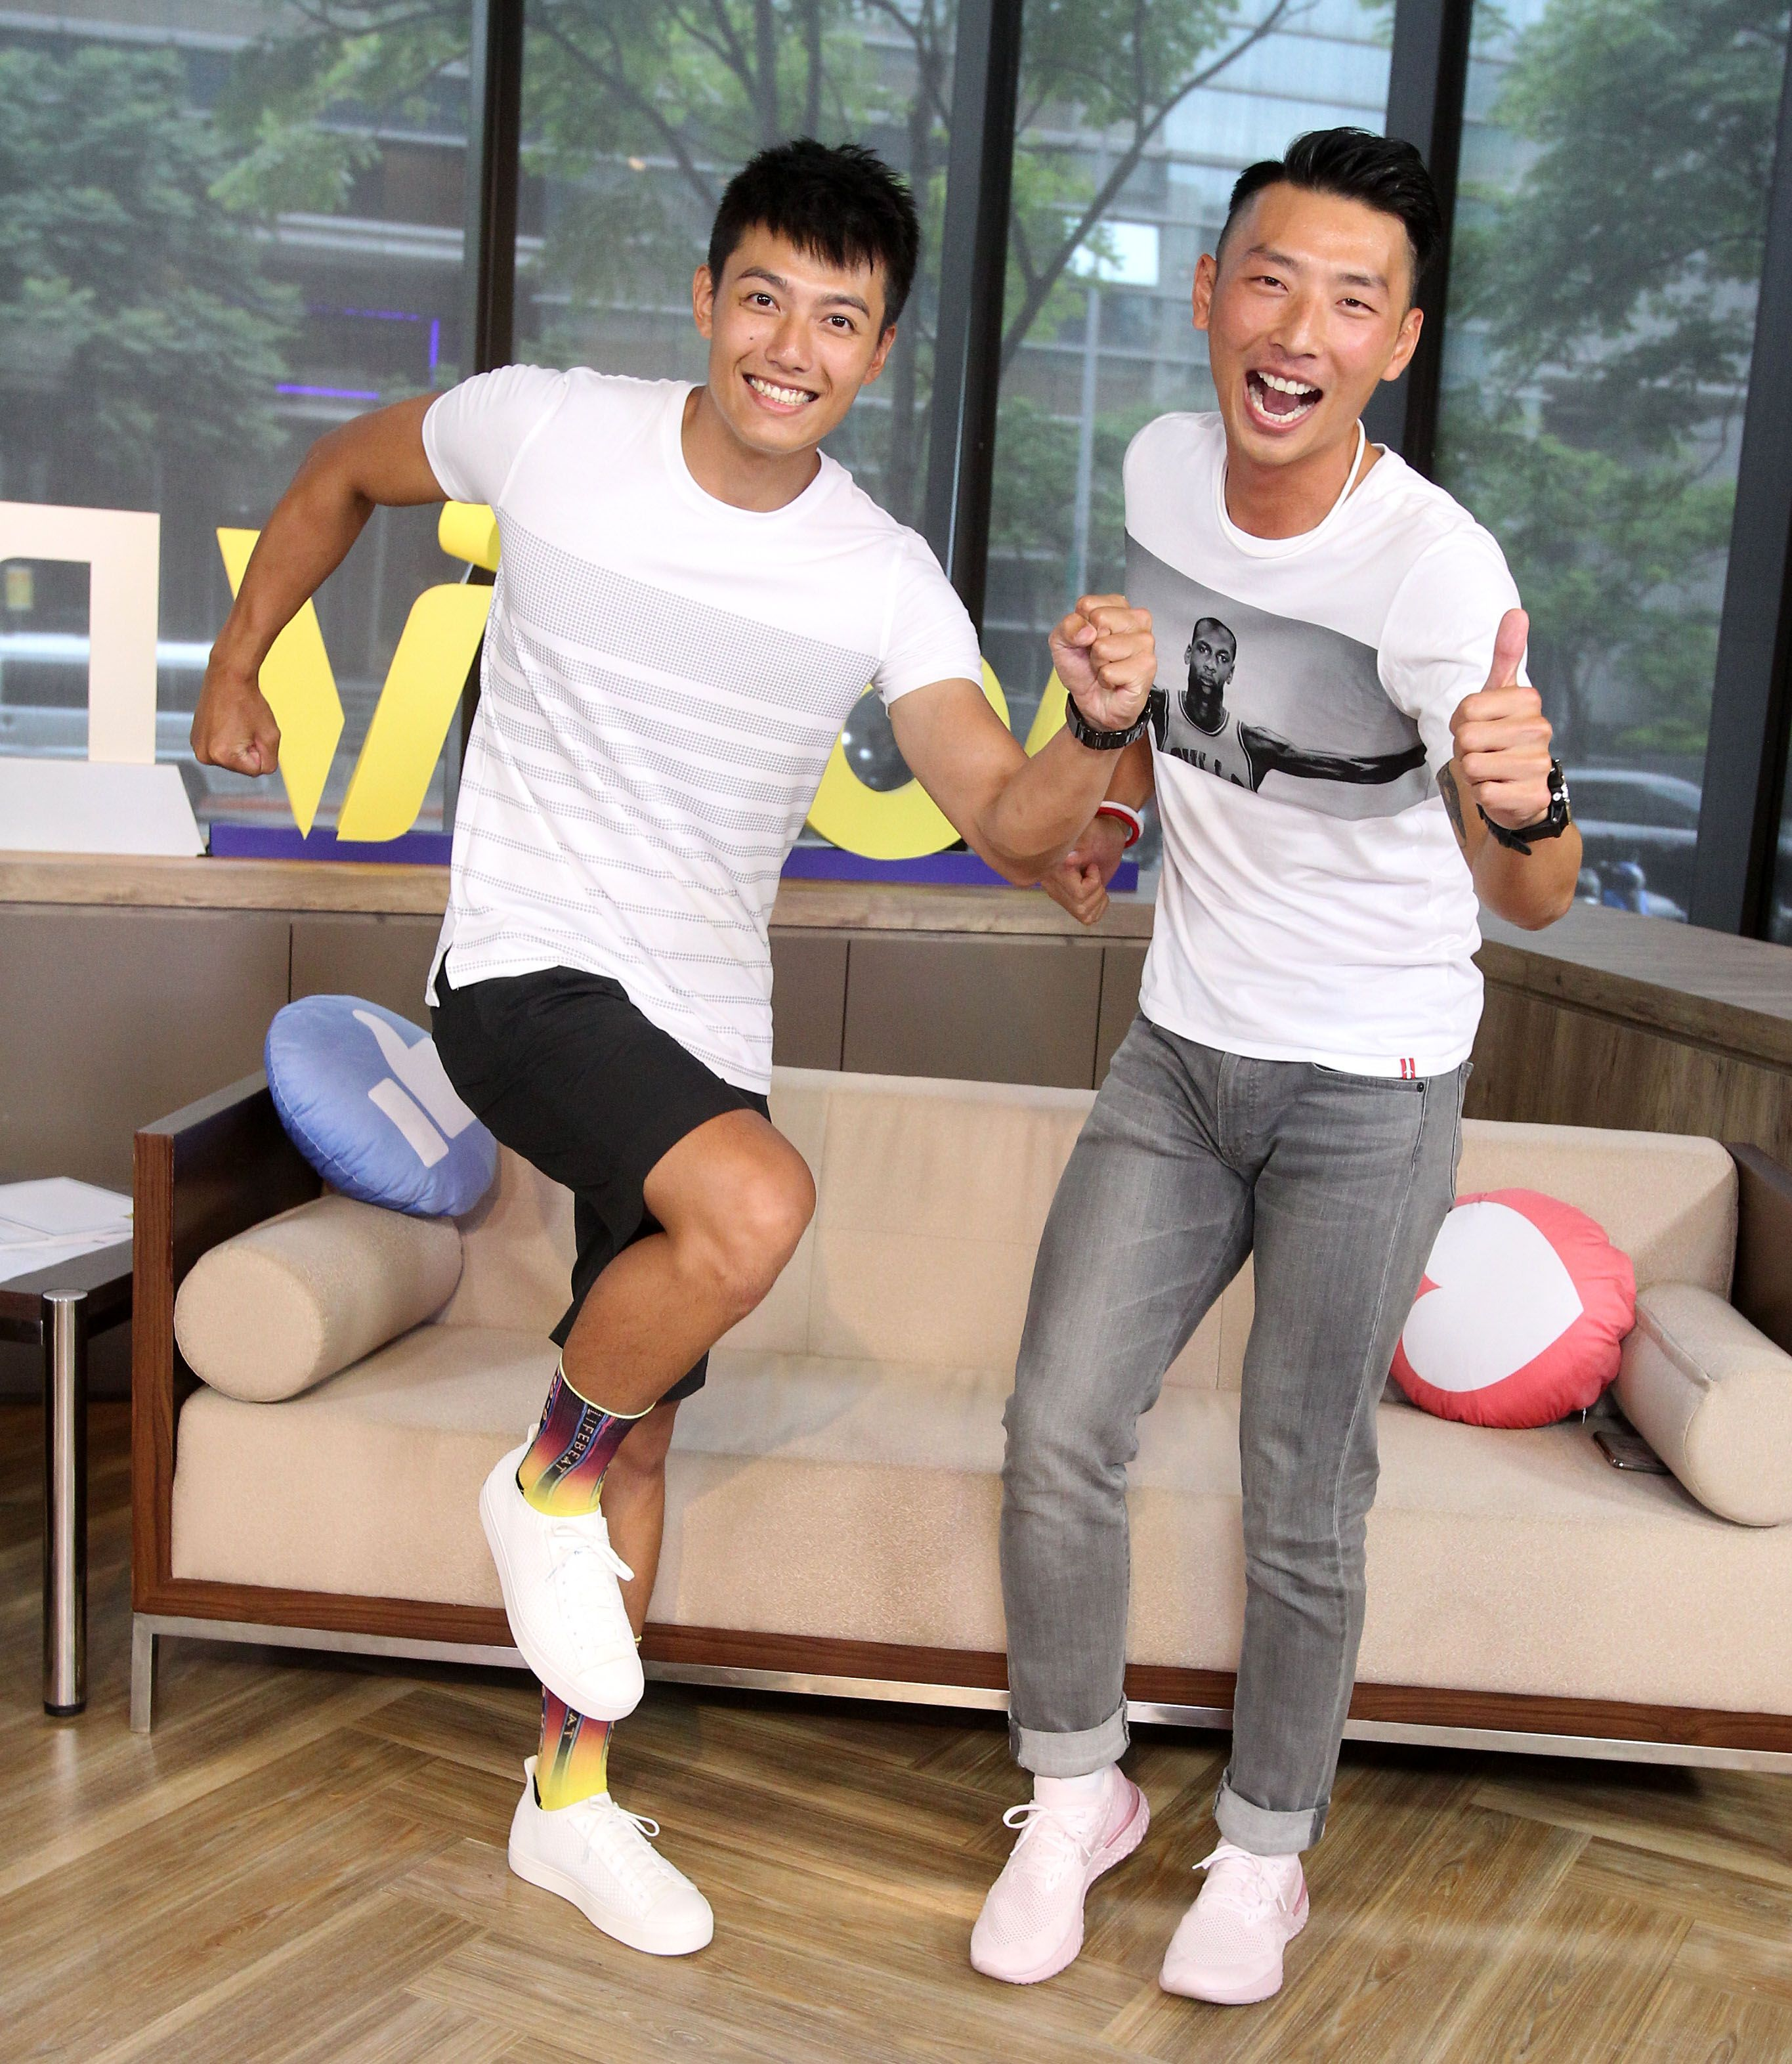 愛玩客主持人賴東賢、賴俊龍安安大明星。(記者邱榮吉/攝影)